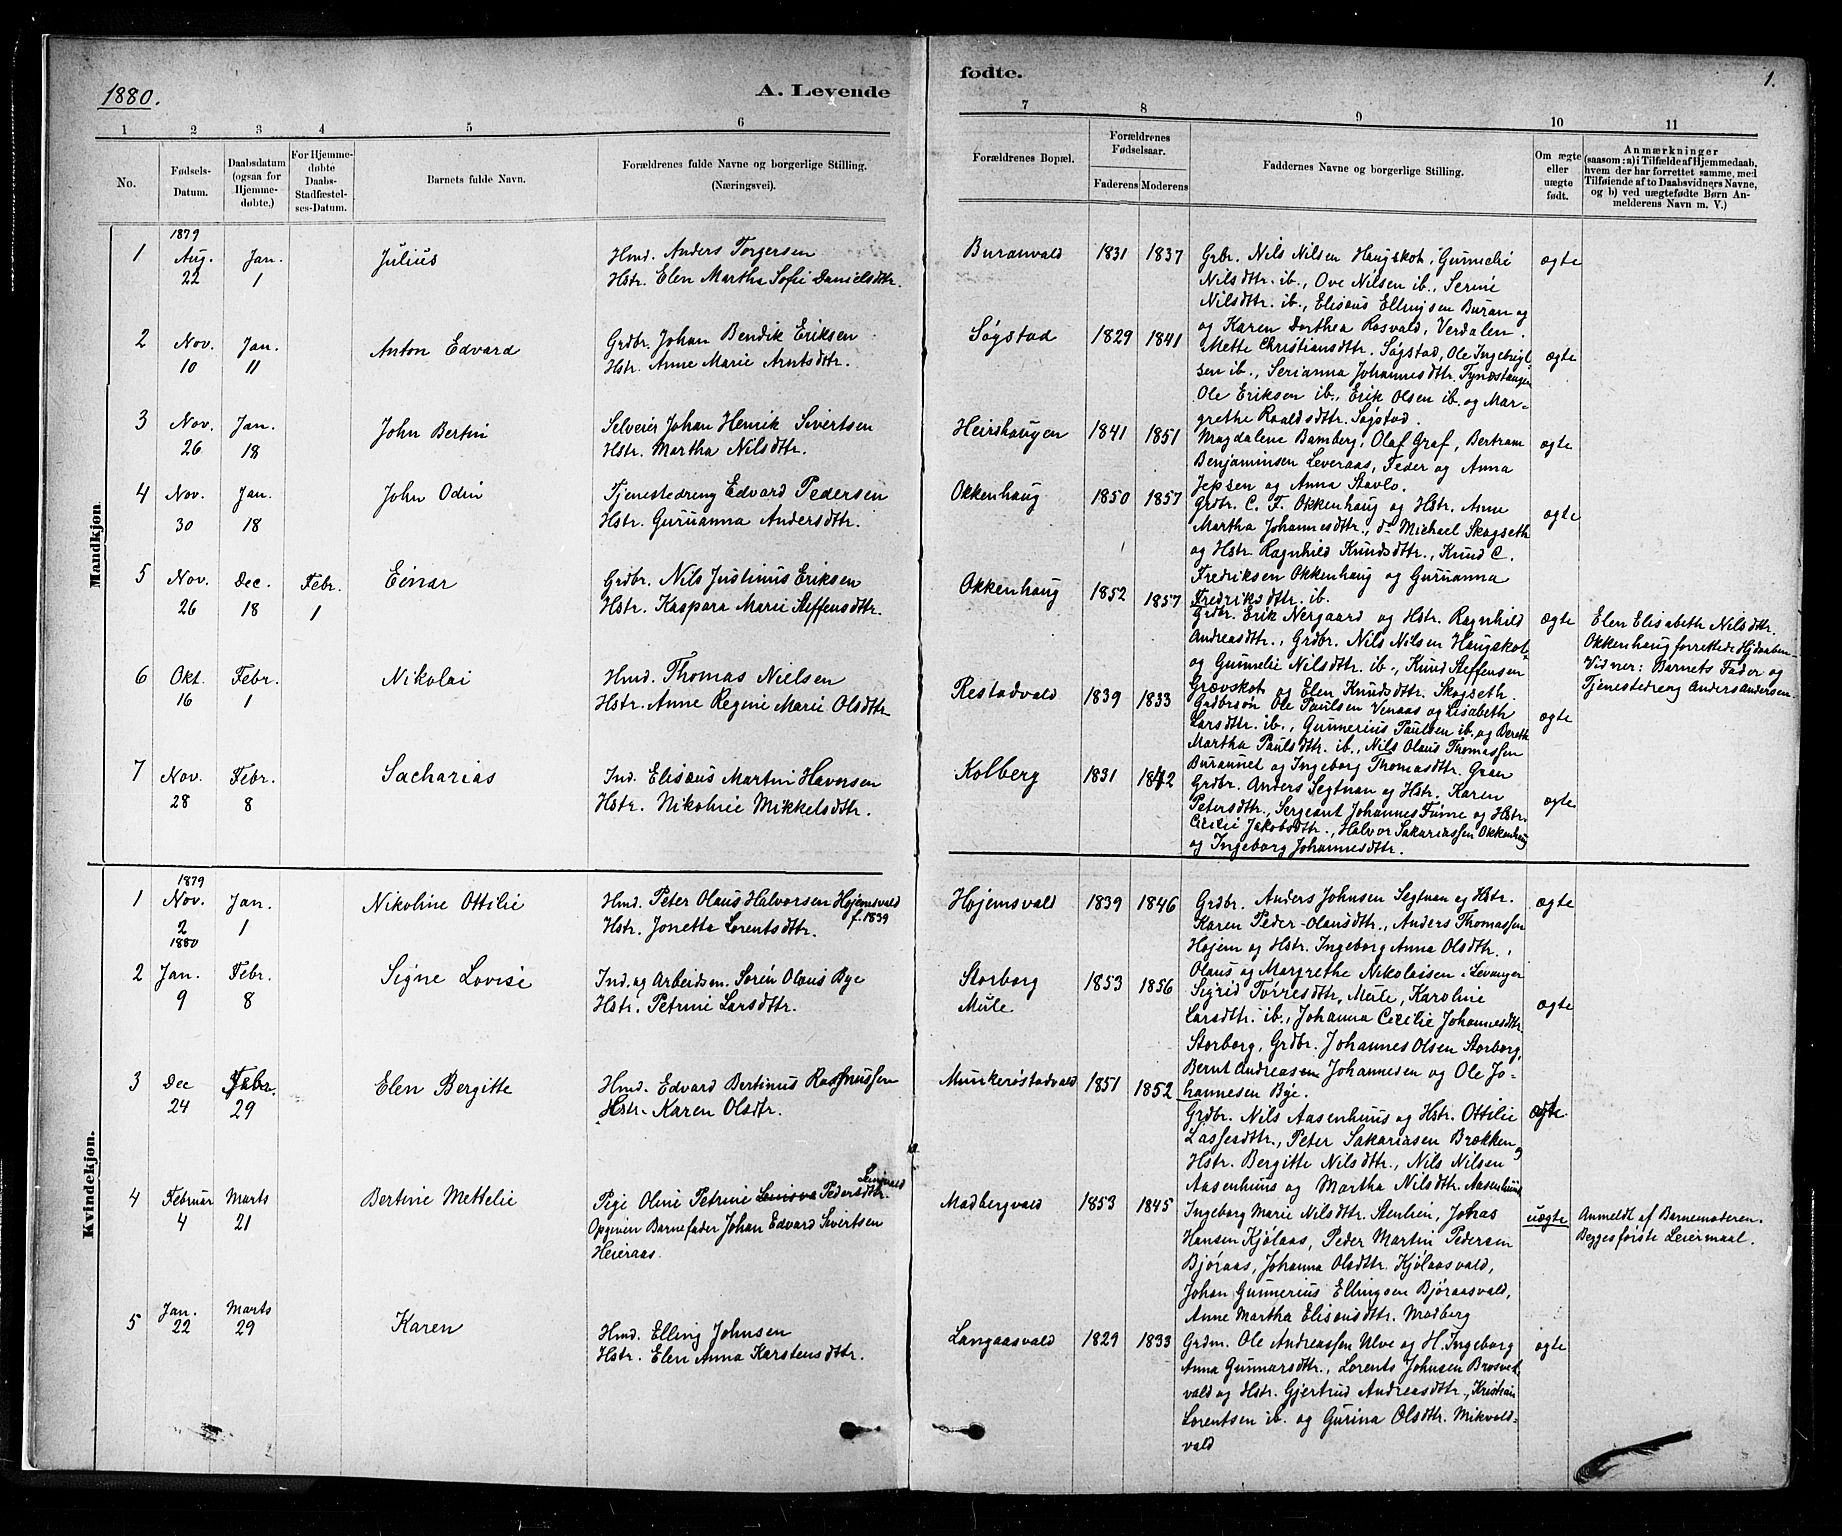 SAT, Ministerialprotokoller, klokkerbøker og fødselsregistre - Nord-Trøndelag, 721/L0208: Klokkerbok nr. 721C01, 1880-1917, s. 1